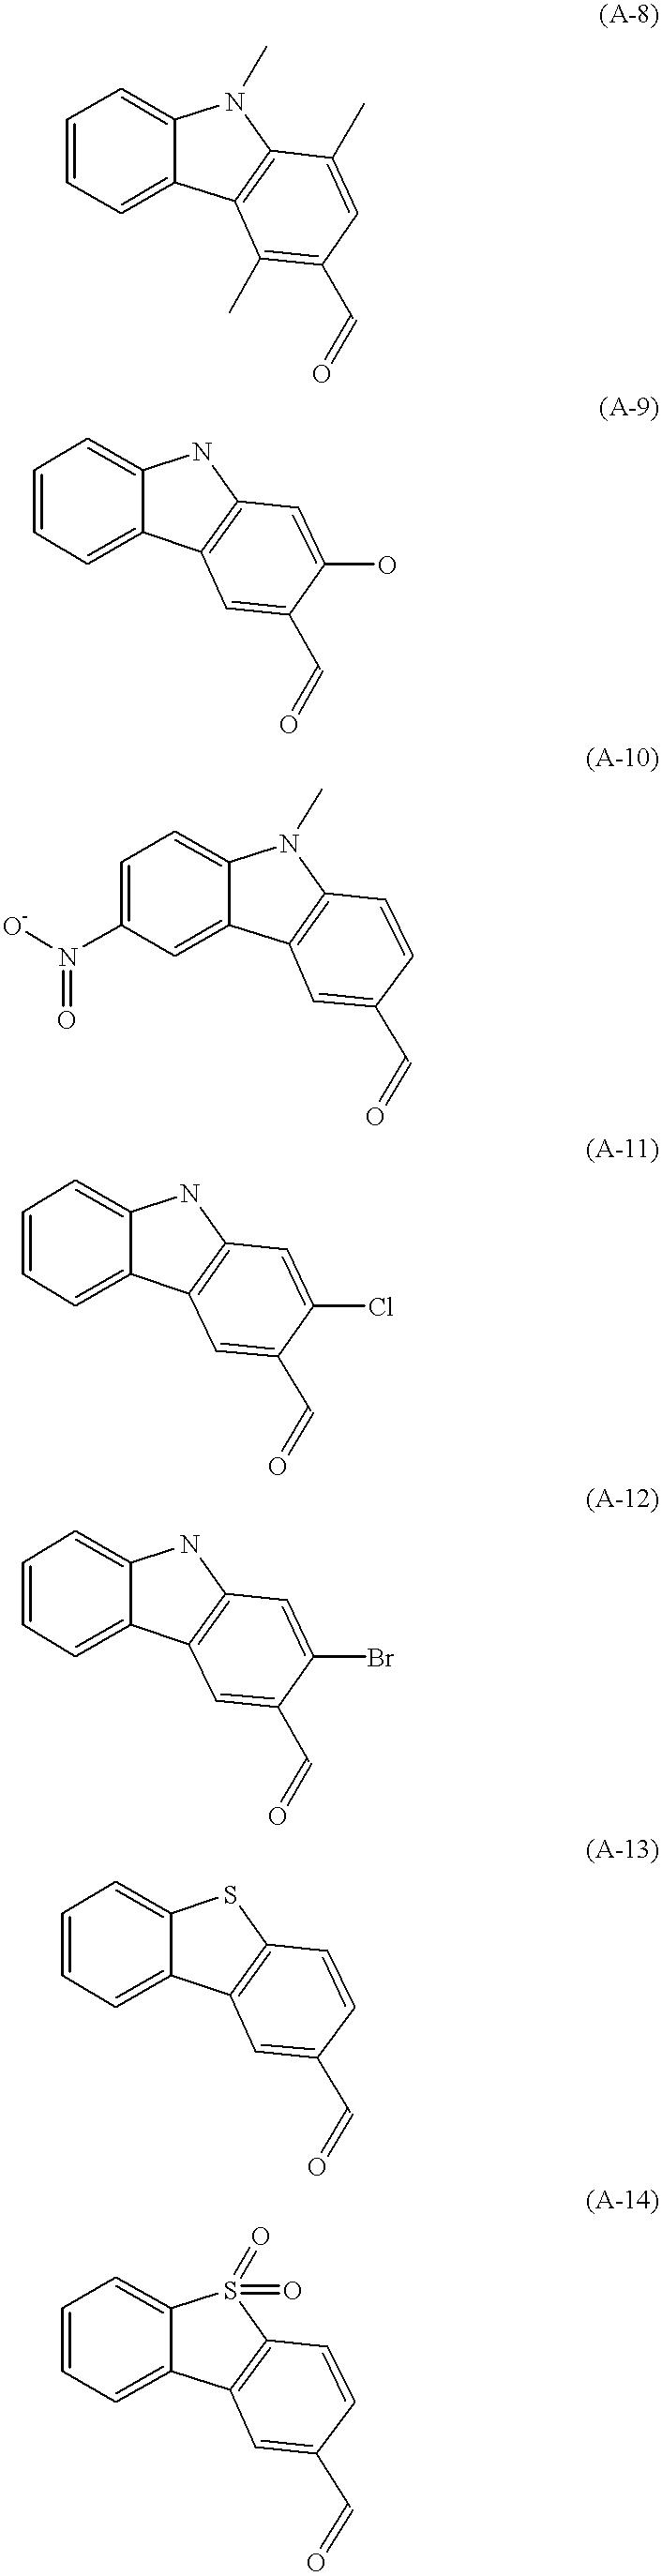 Figure US06514981-20030204-C00015